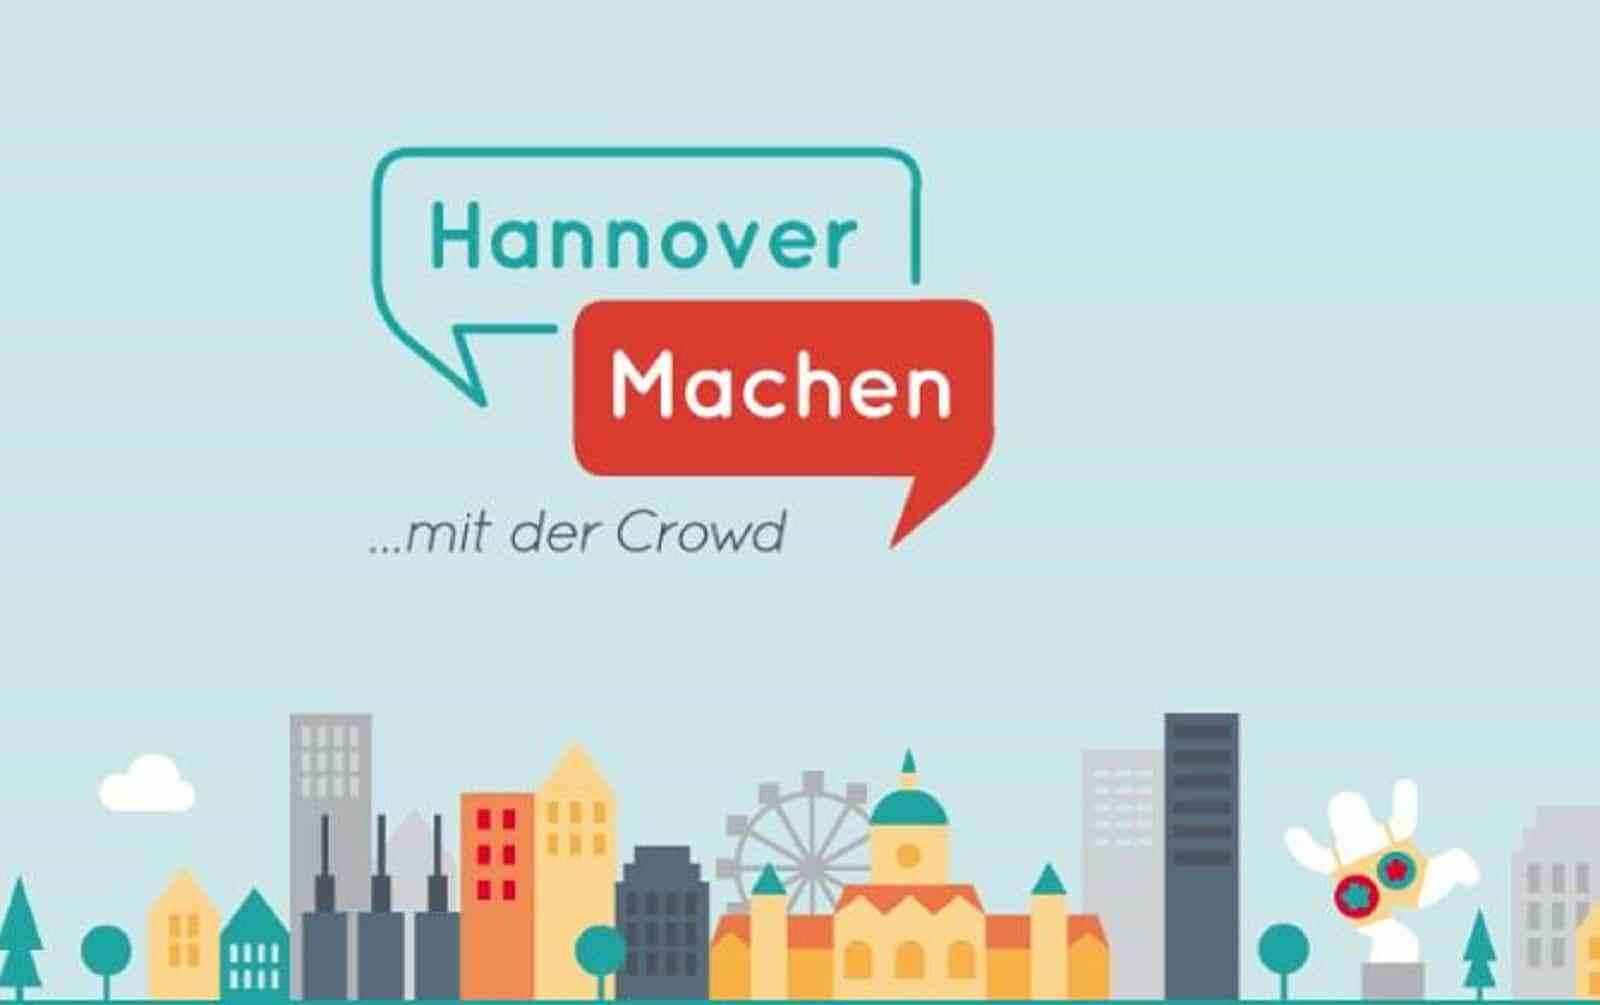 Style Hannover Stadtkind HannoverMachen - HannoverMachen – Deine Stadt. Dein Projekt.